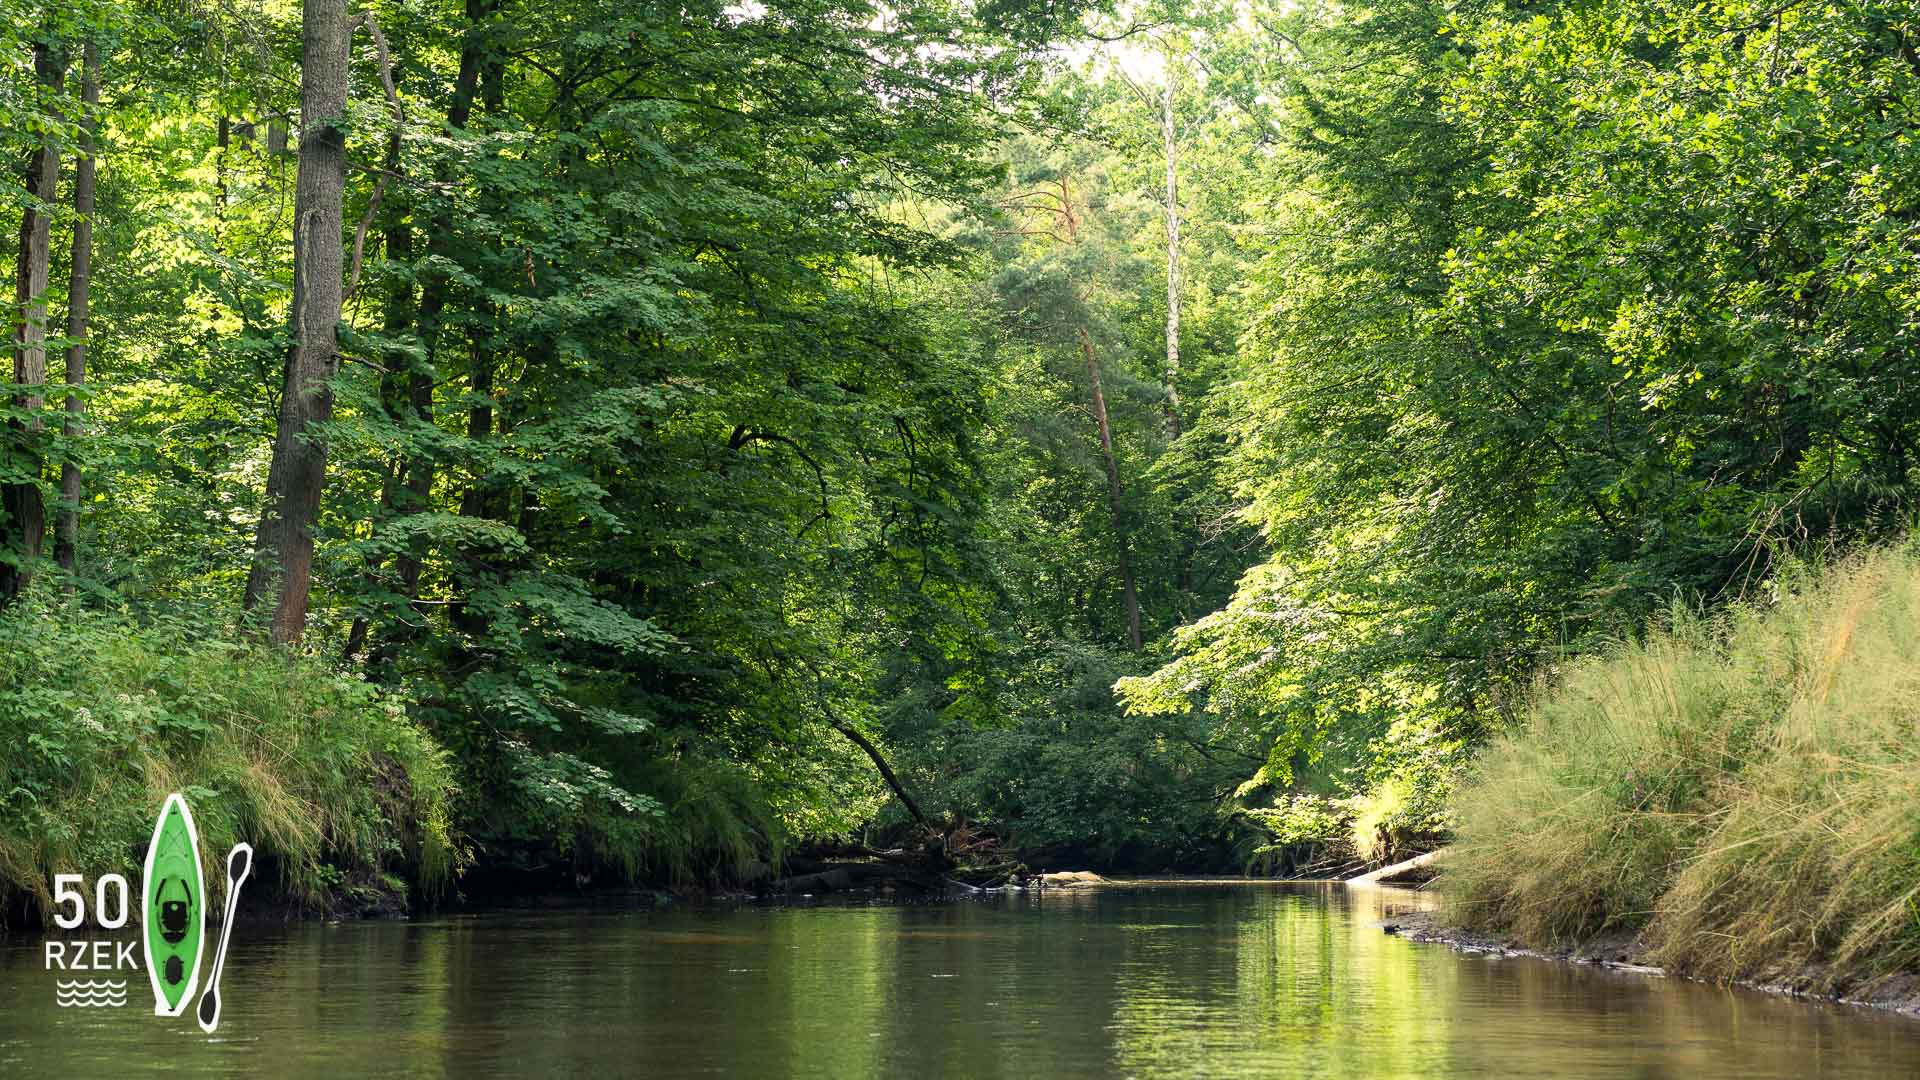 Rzeka Mała Panew ≋ jednodniowy spływ kajakowy, trasa, relacja ≋